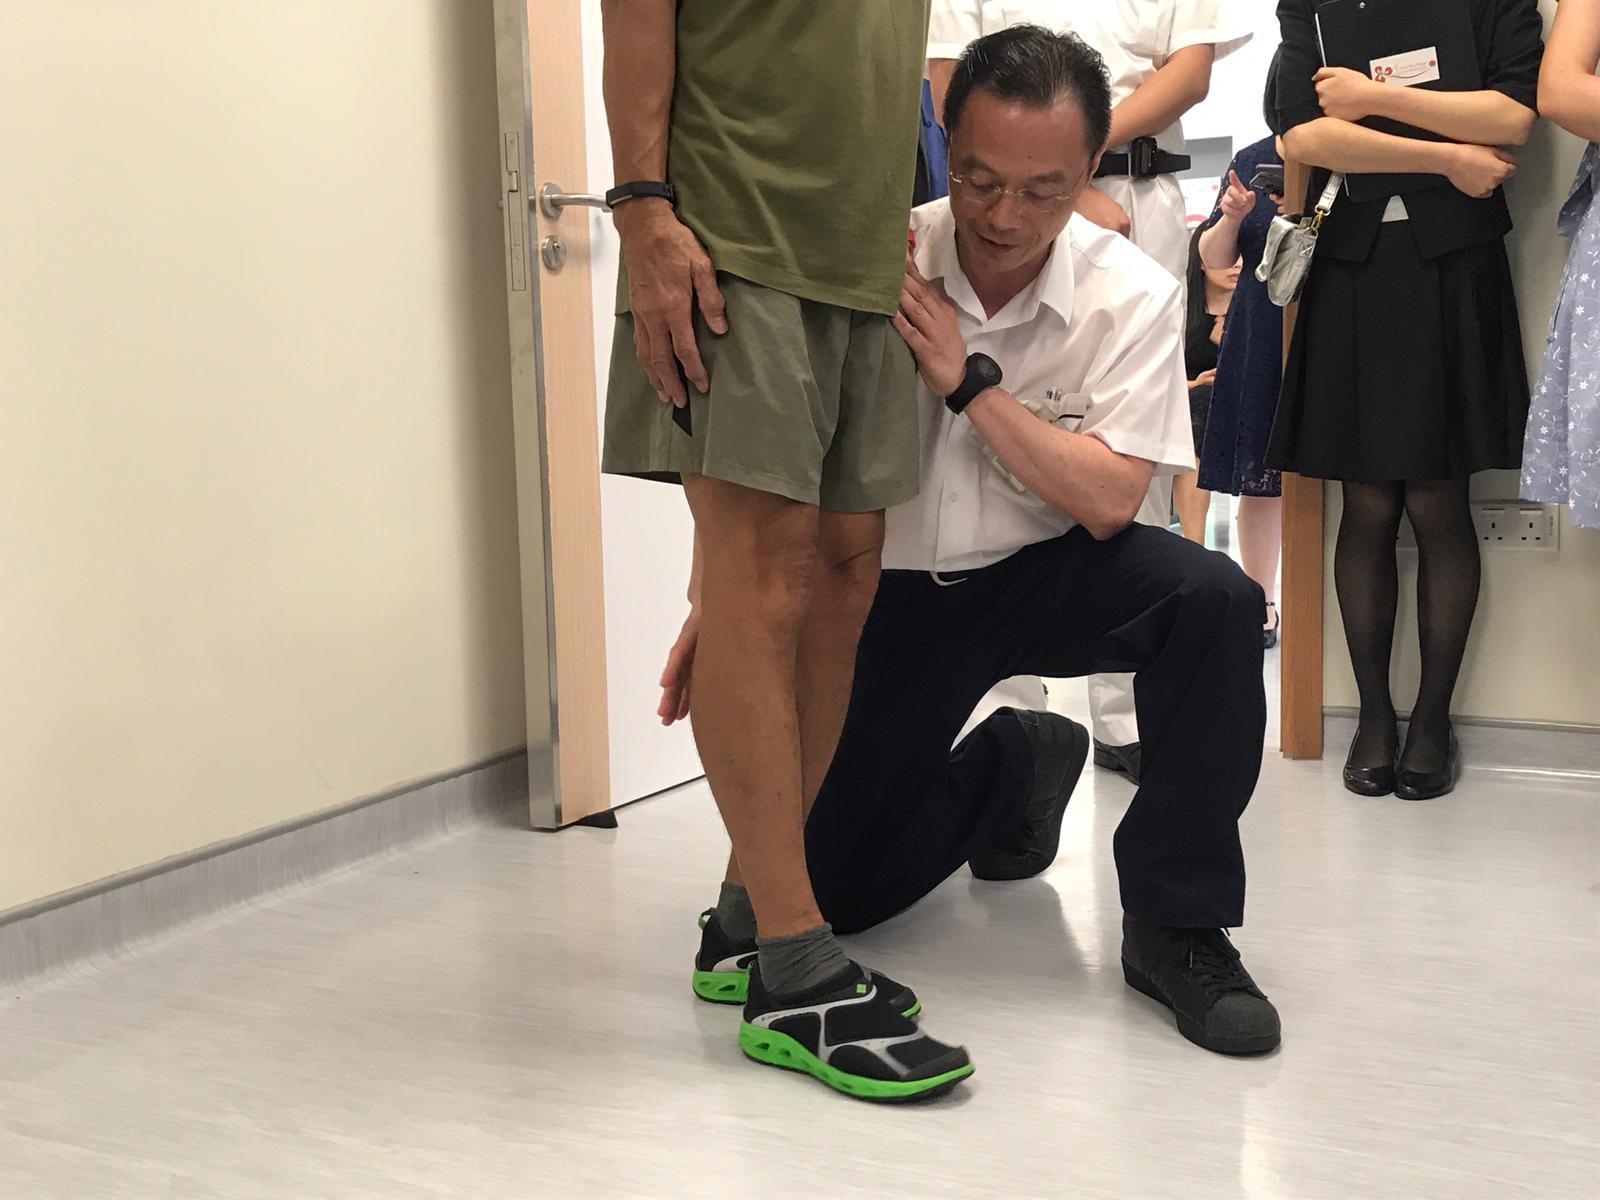 葉先生(綠衣者)在中心經過三次物理治療。